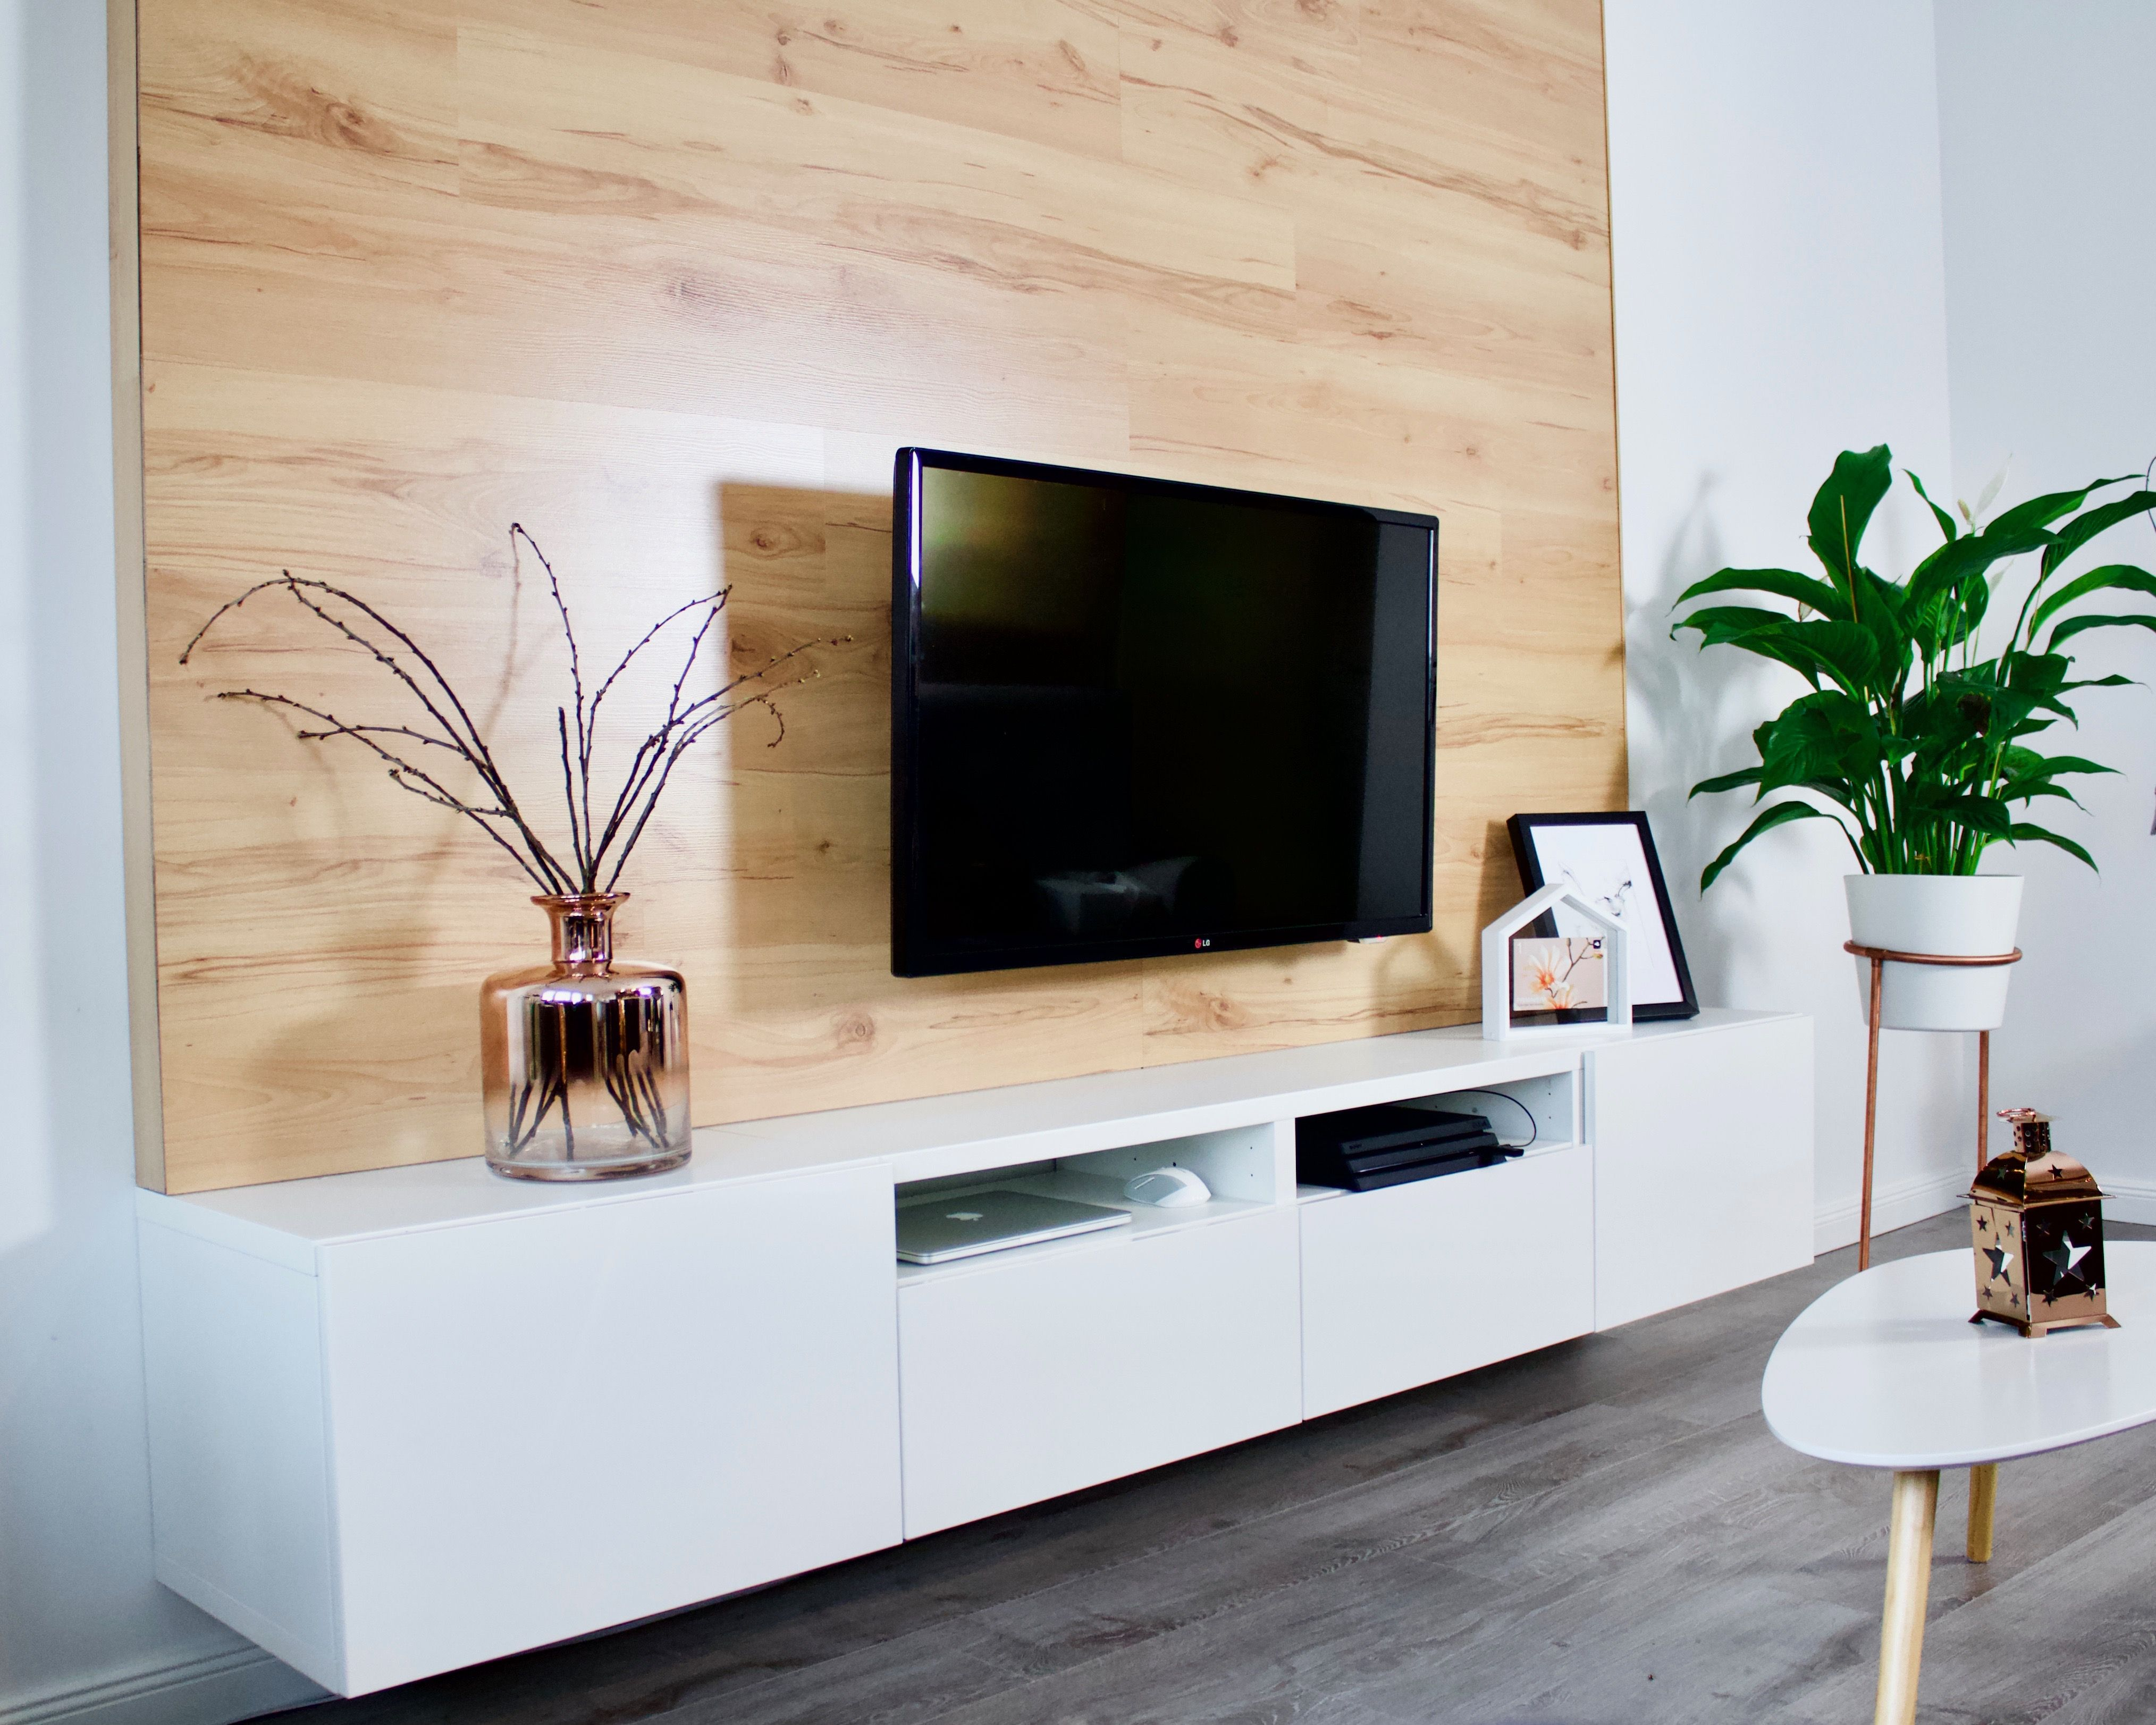 Diy Tv Wand Aus Holz Bauen Mit Bildern Tv Wand Holz Diy